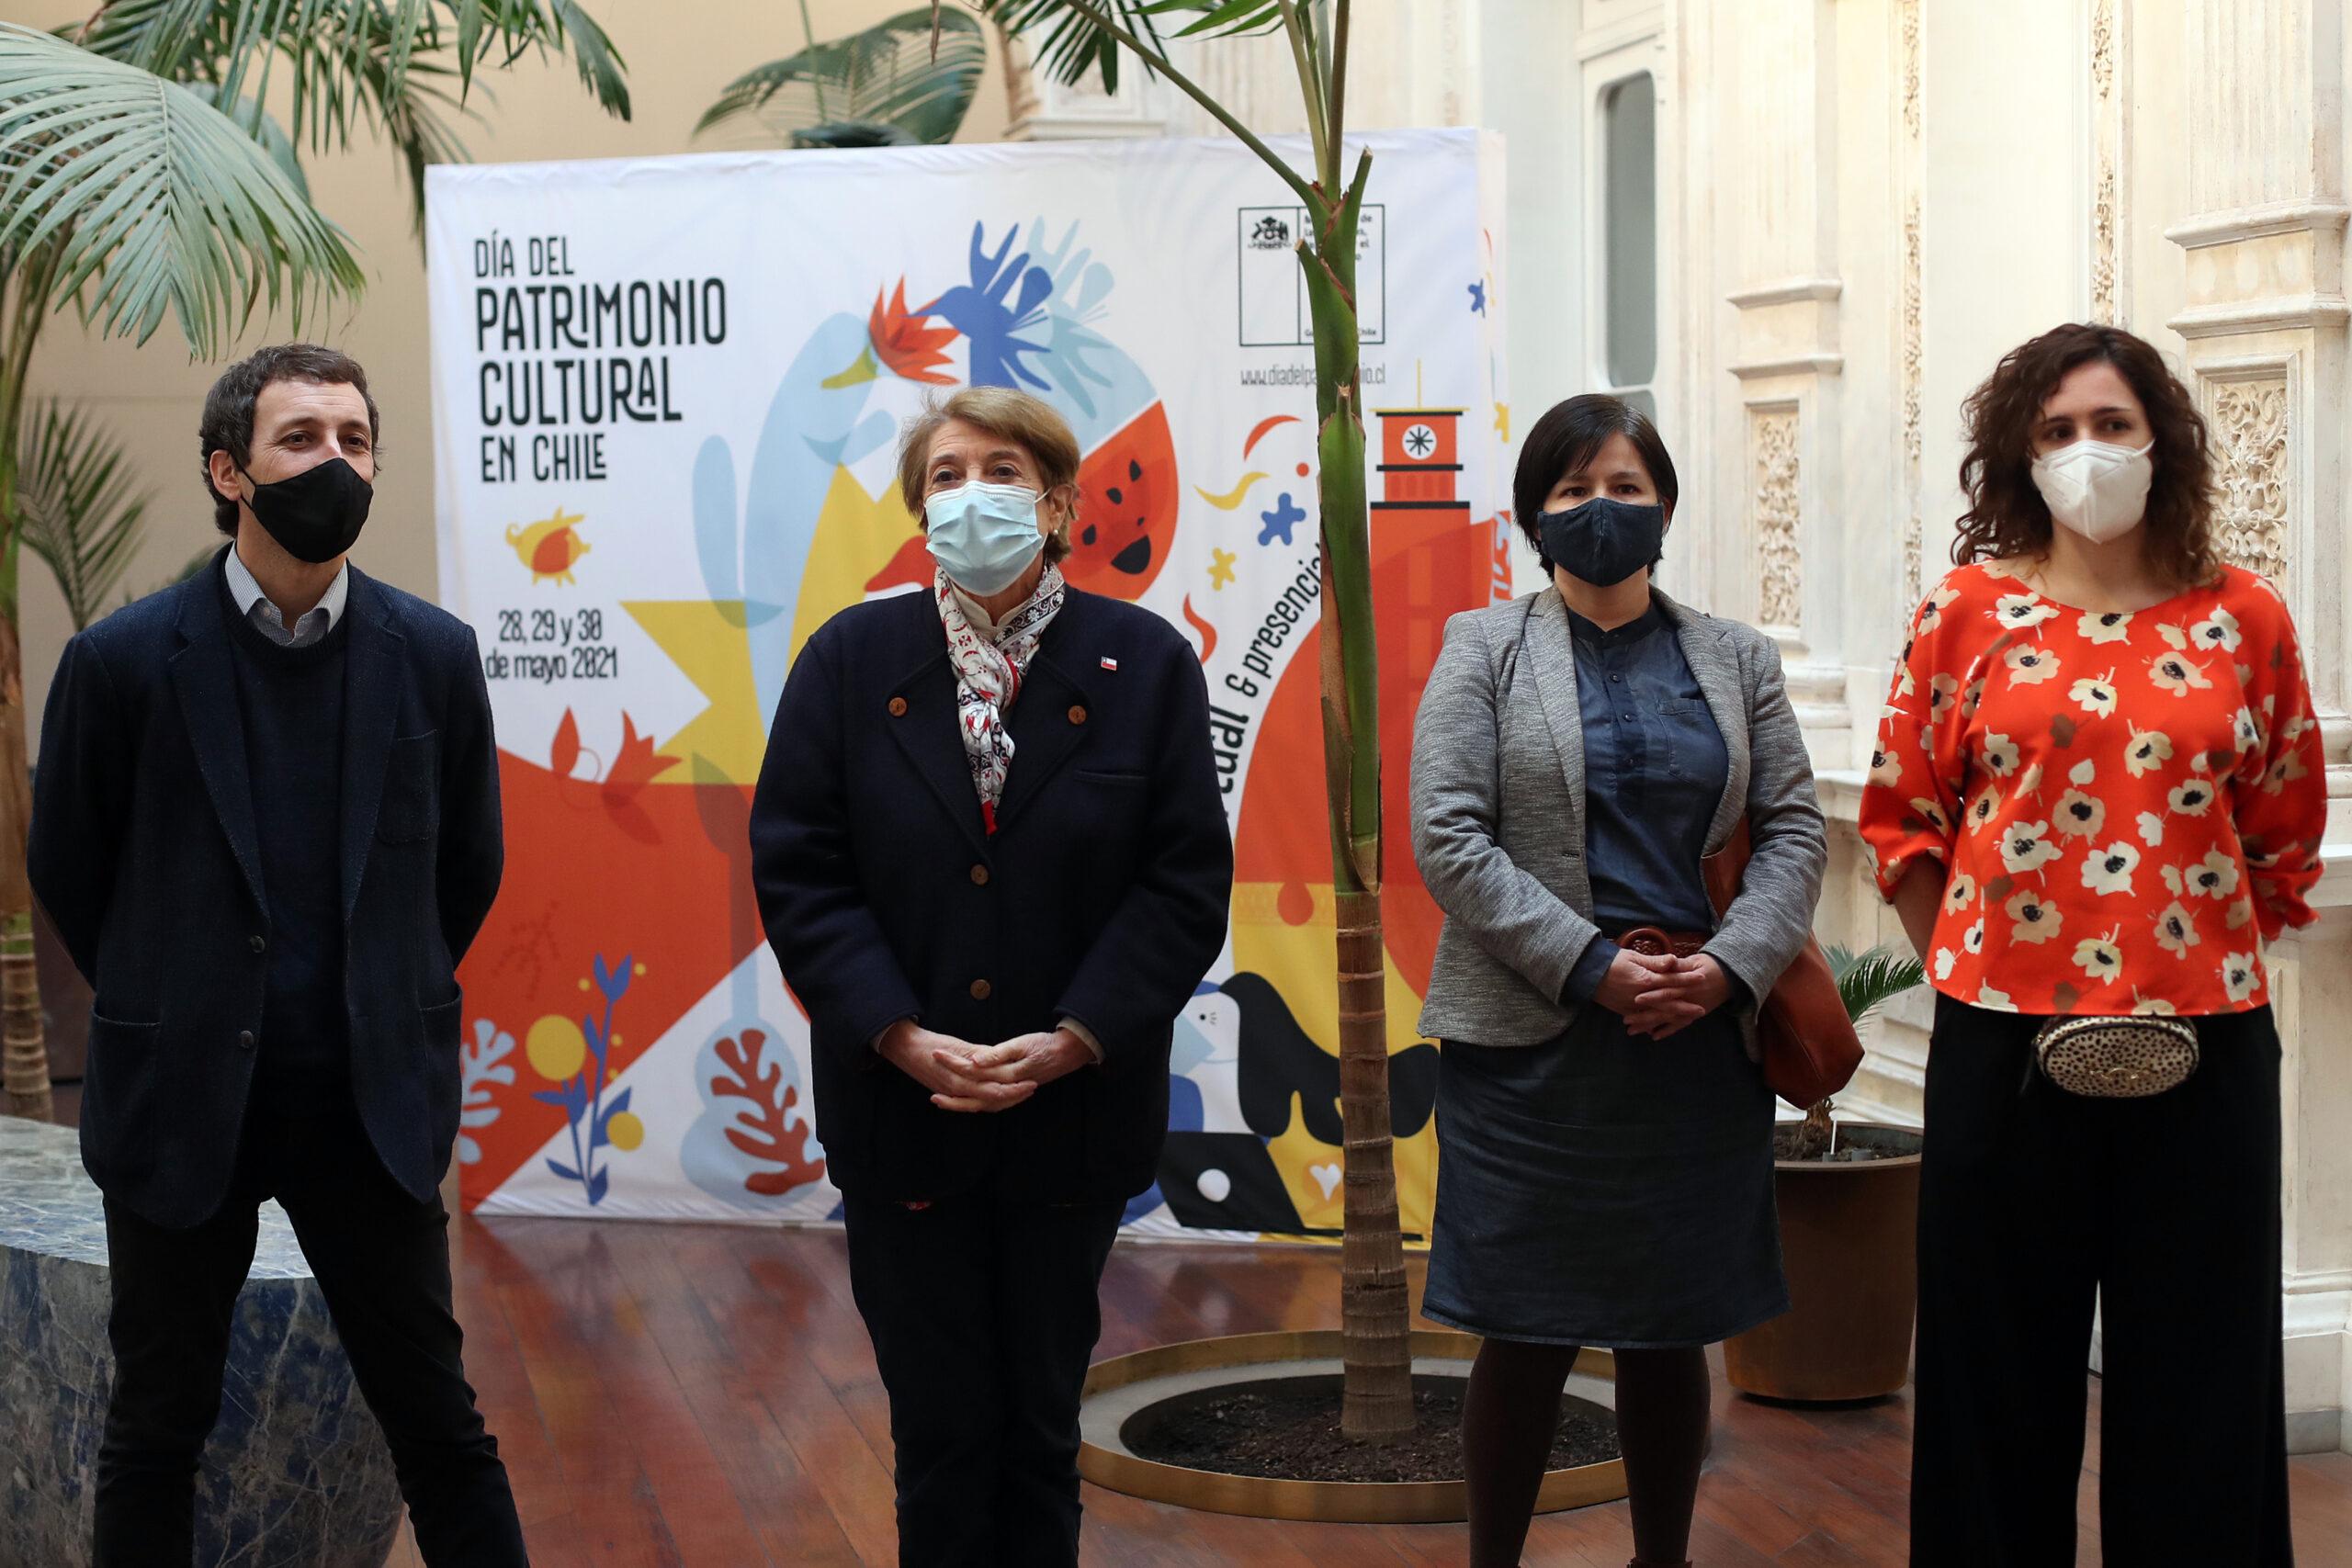 Ministerio de las Culturas lanza el Día del Patrimonio Cultural 2021 con inscripción de actividades y recorridos virtuales